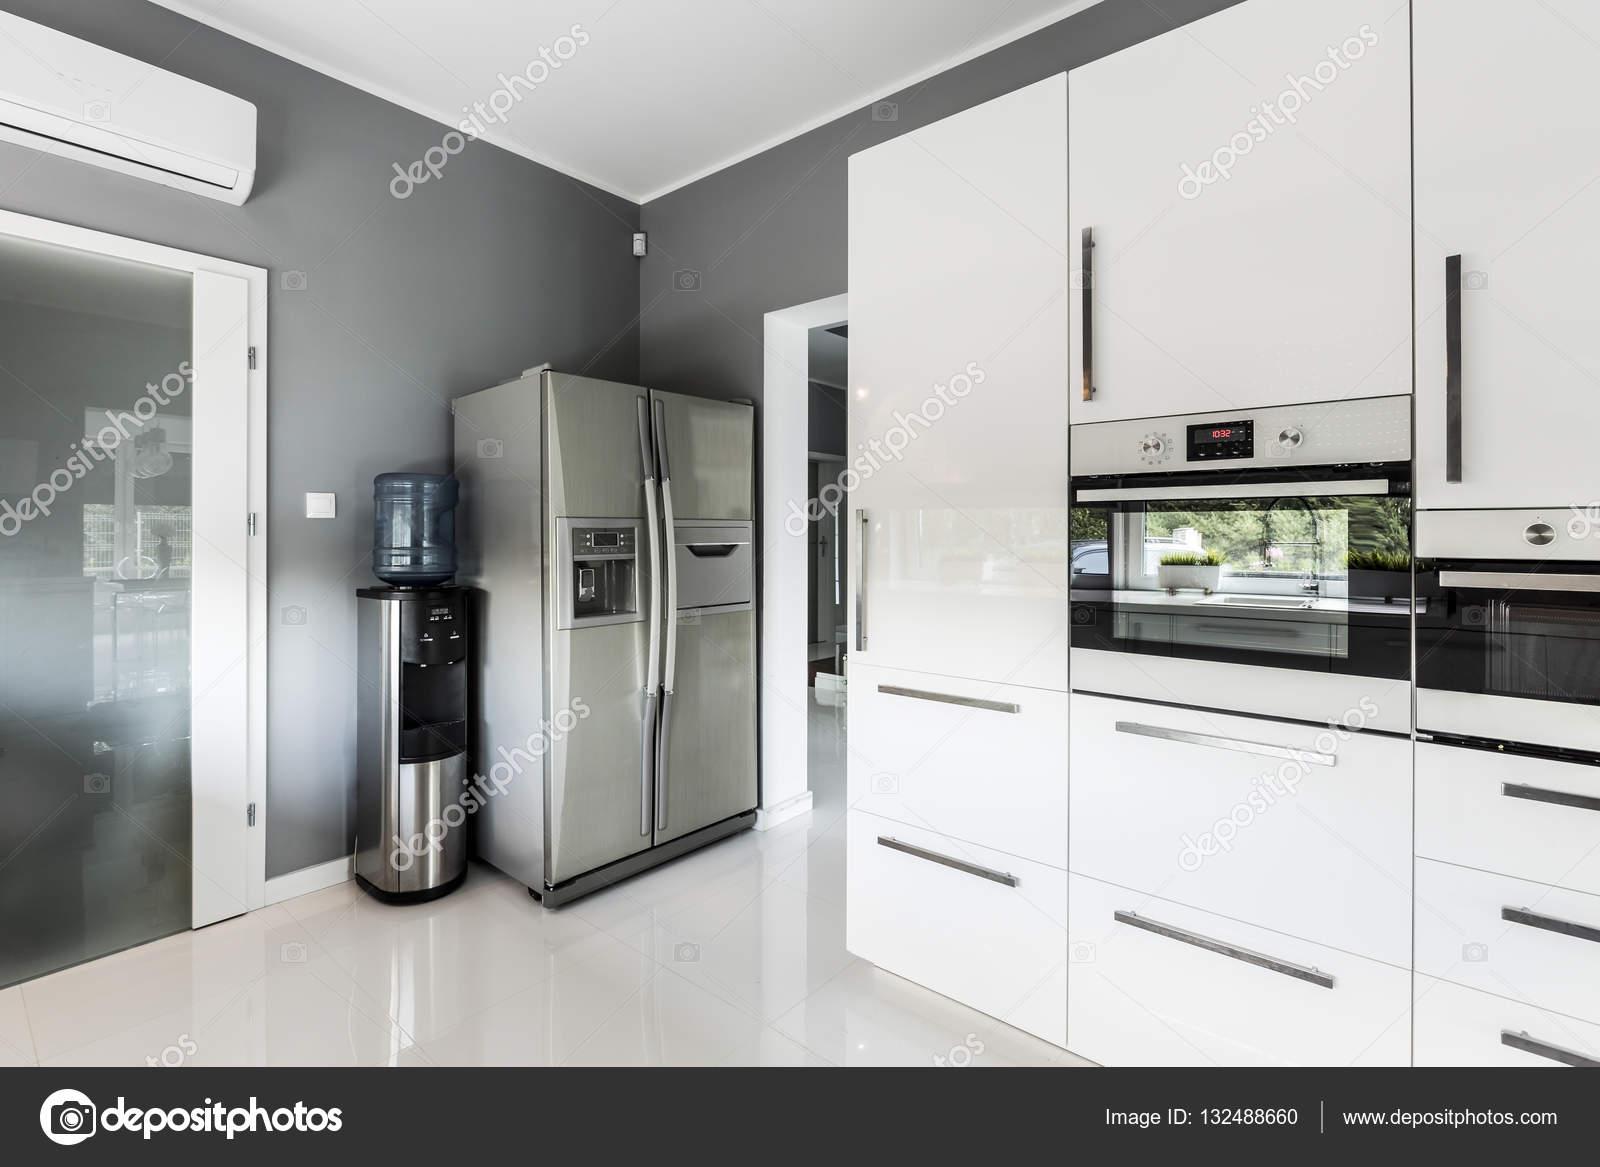 Amerikanischer Kühlschrank Küche : Offene küche mit side by side kühlschrank kleine küche side by